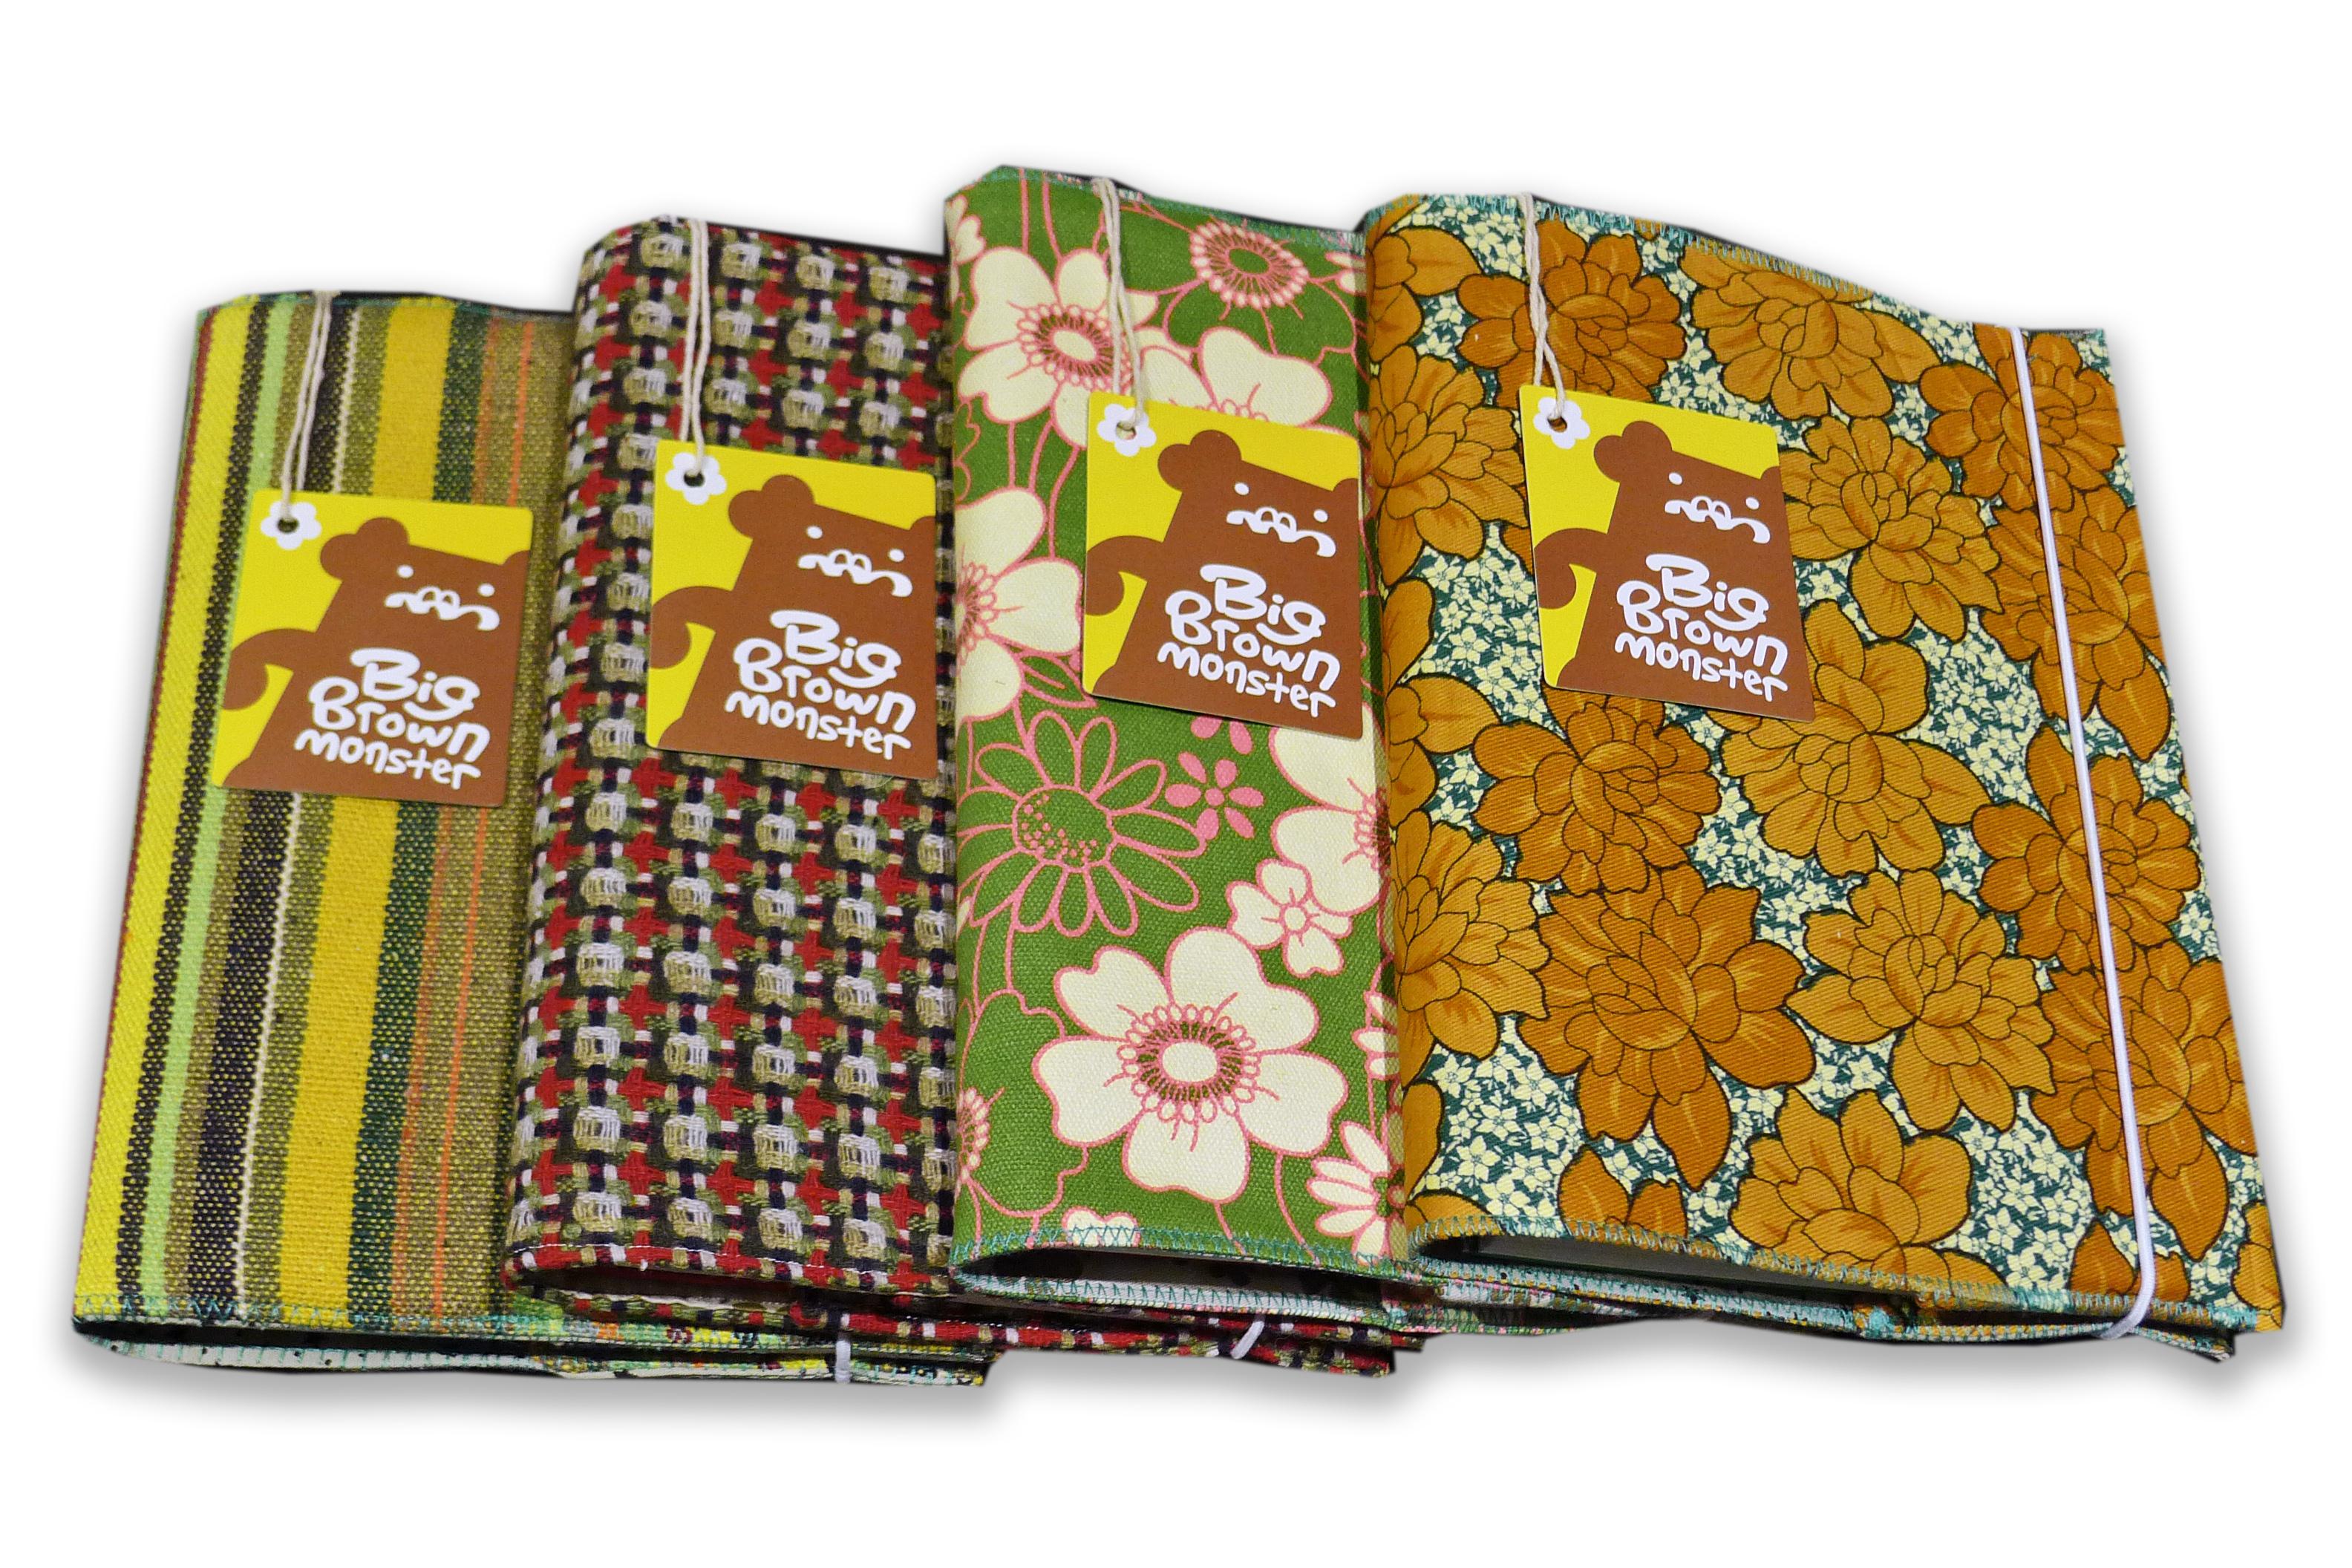 131123_sketchbooks